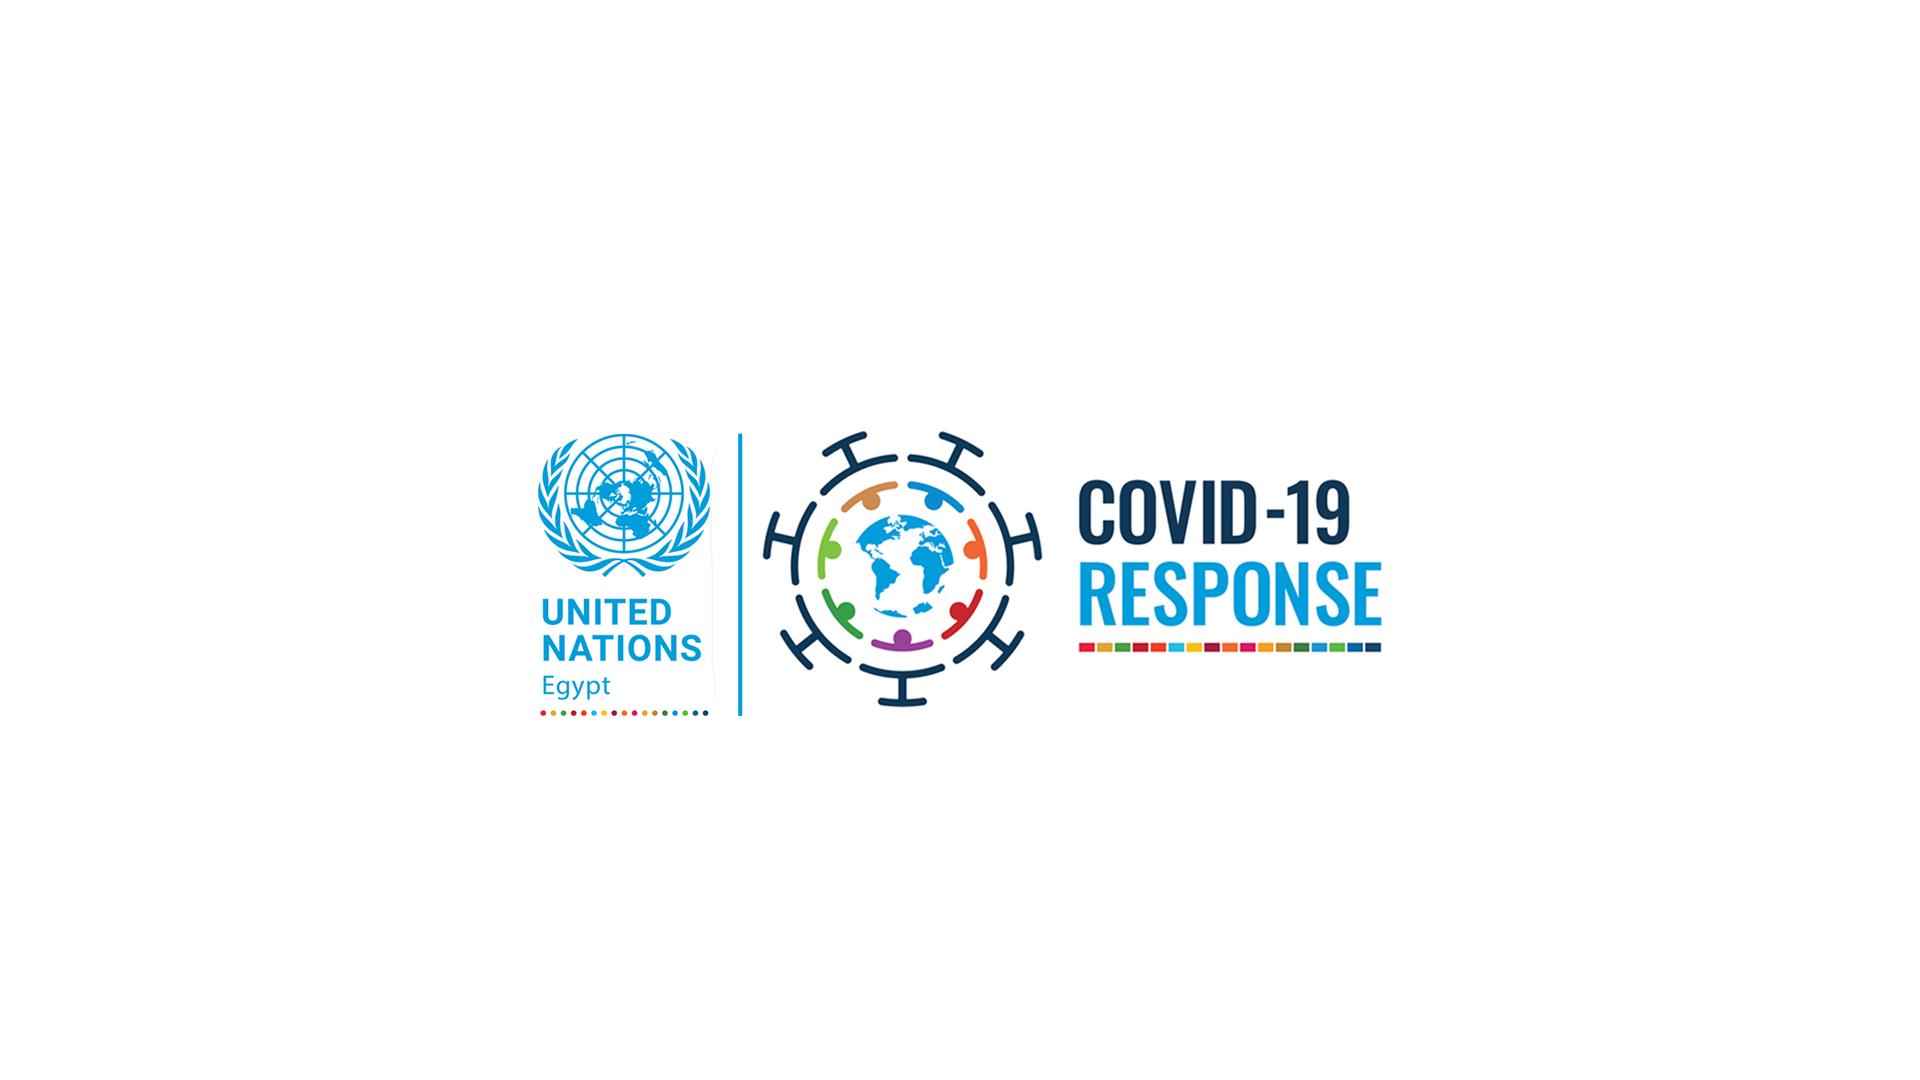 UN Egypt COVID-19 Insight Series